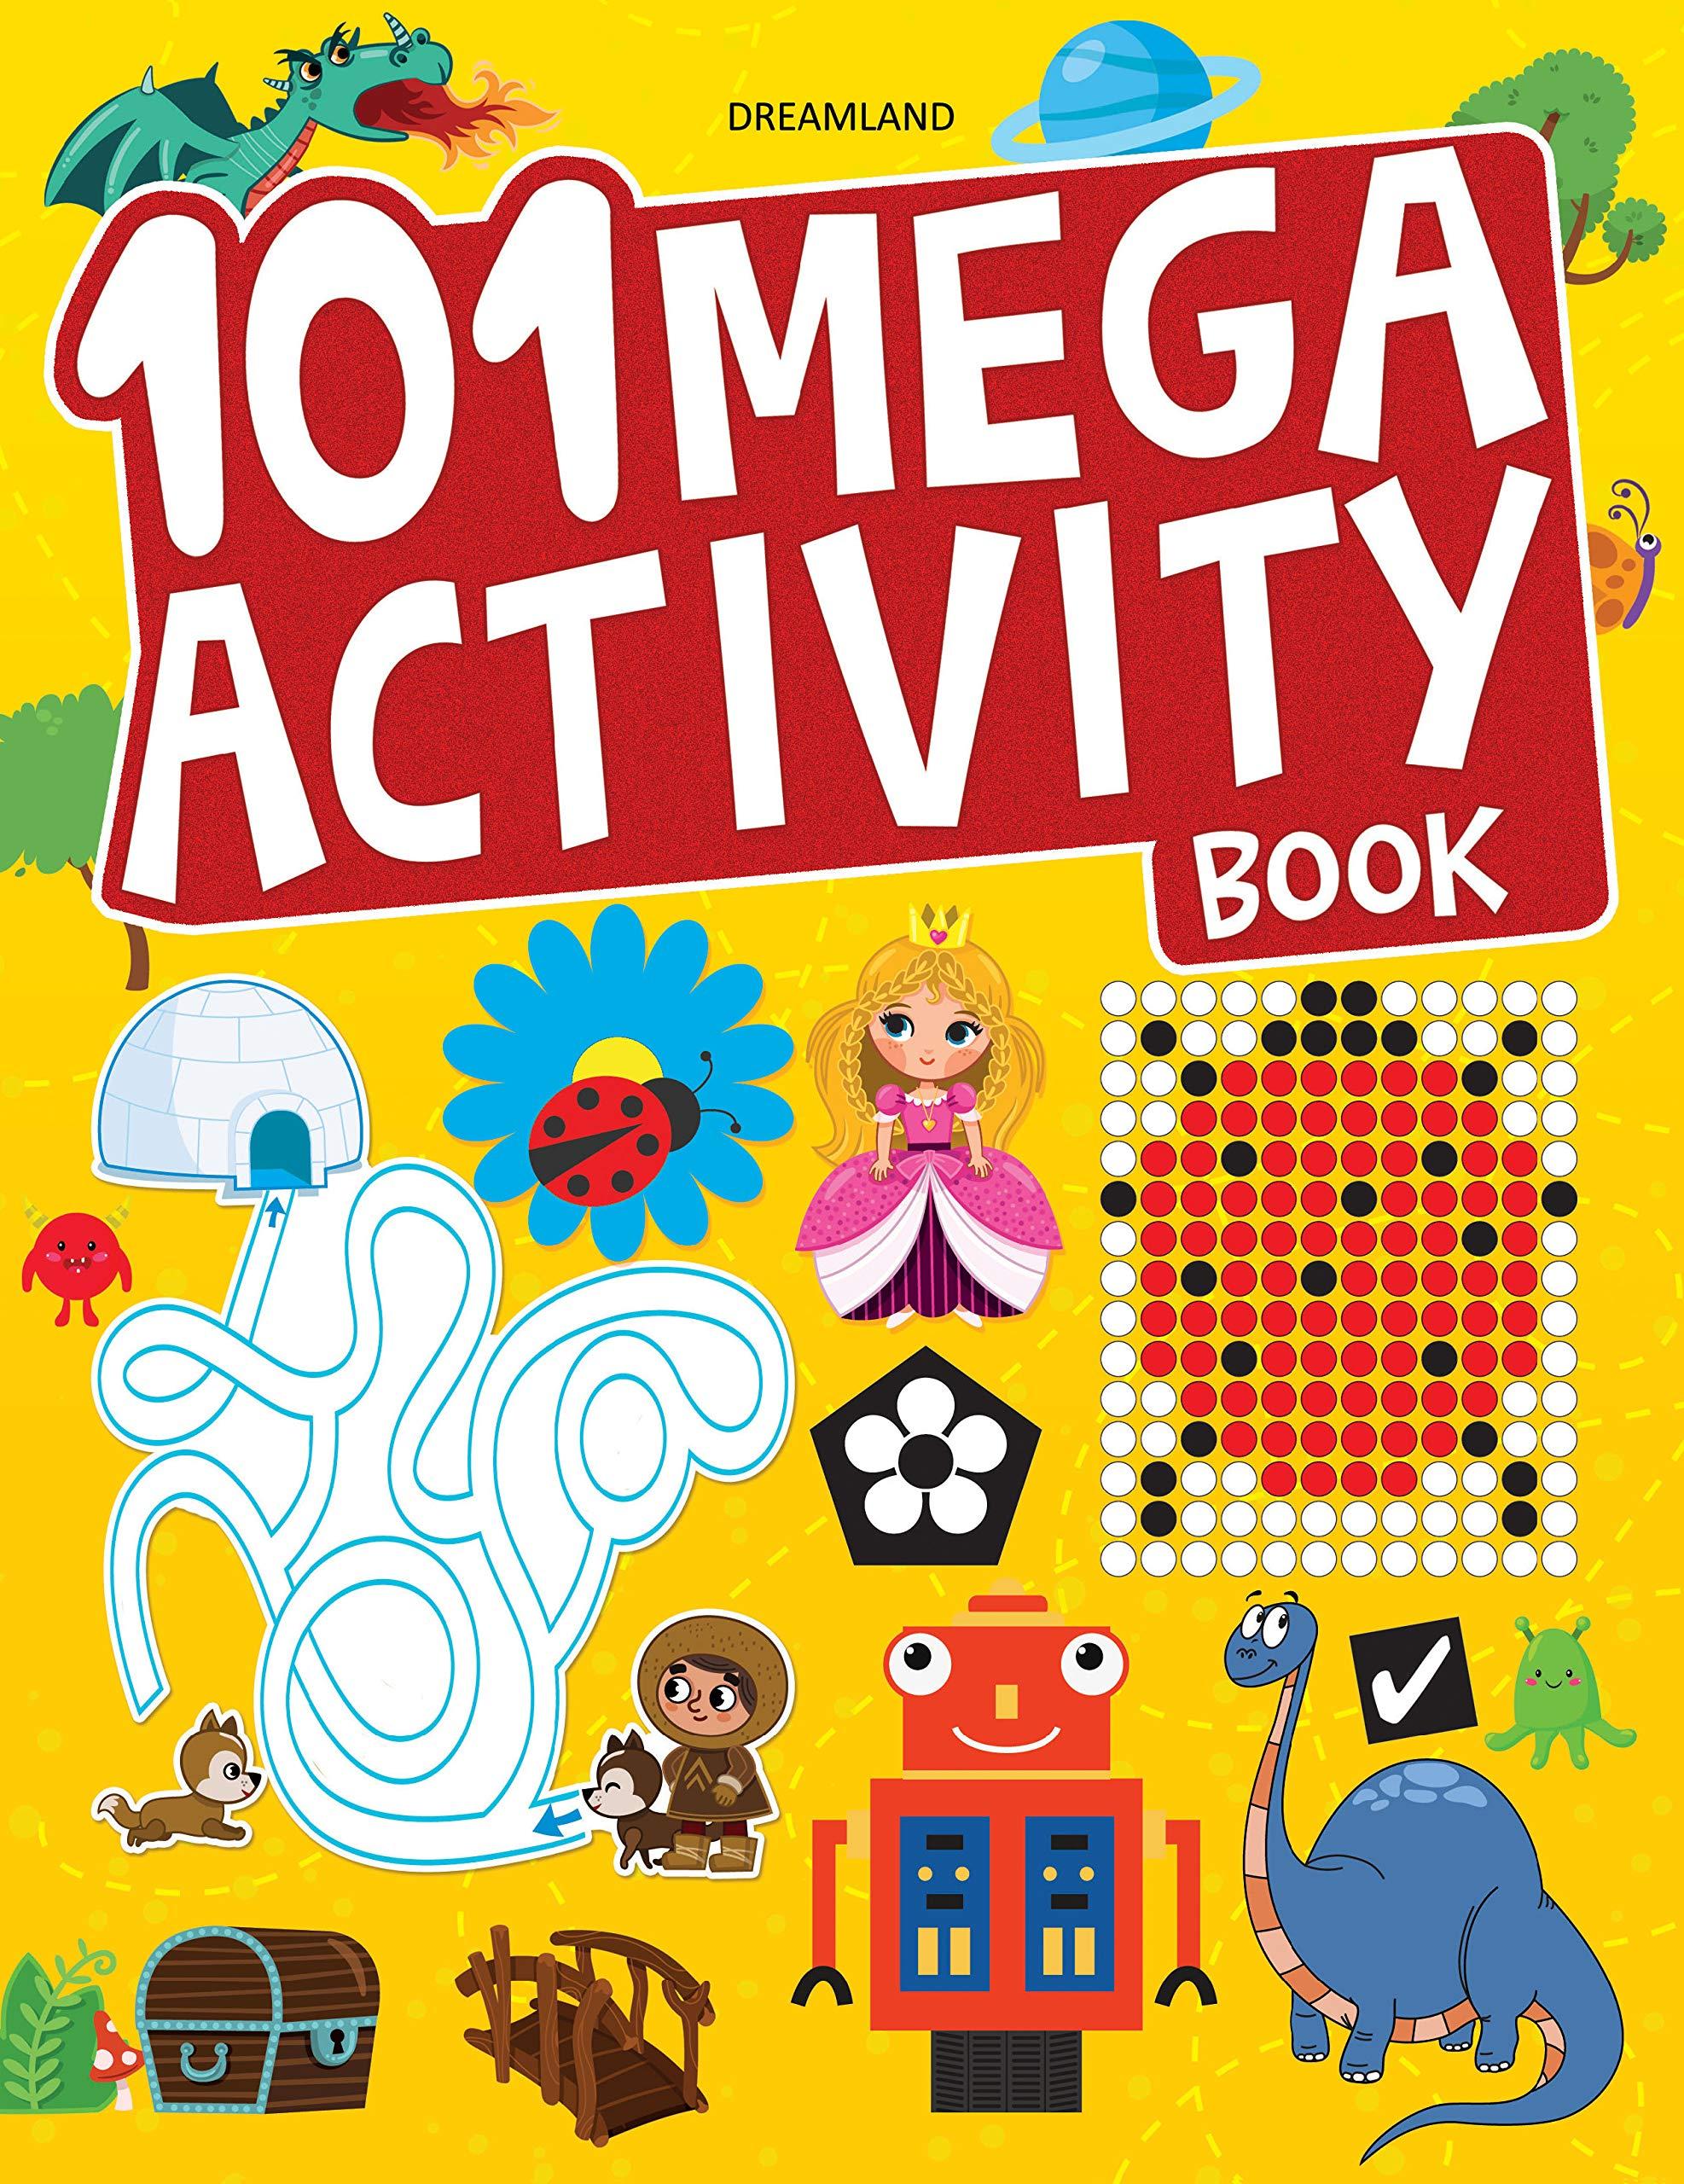 101 Mega Activity Book